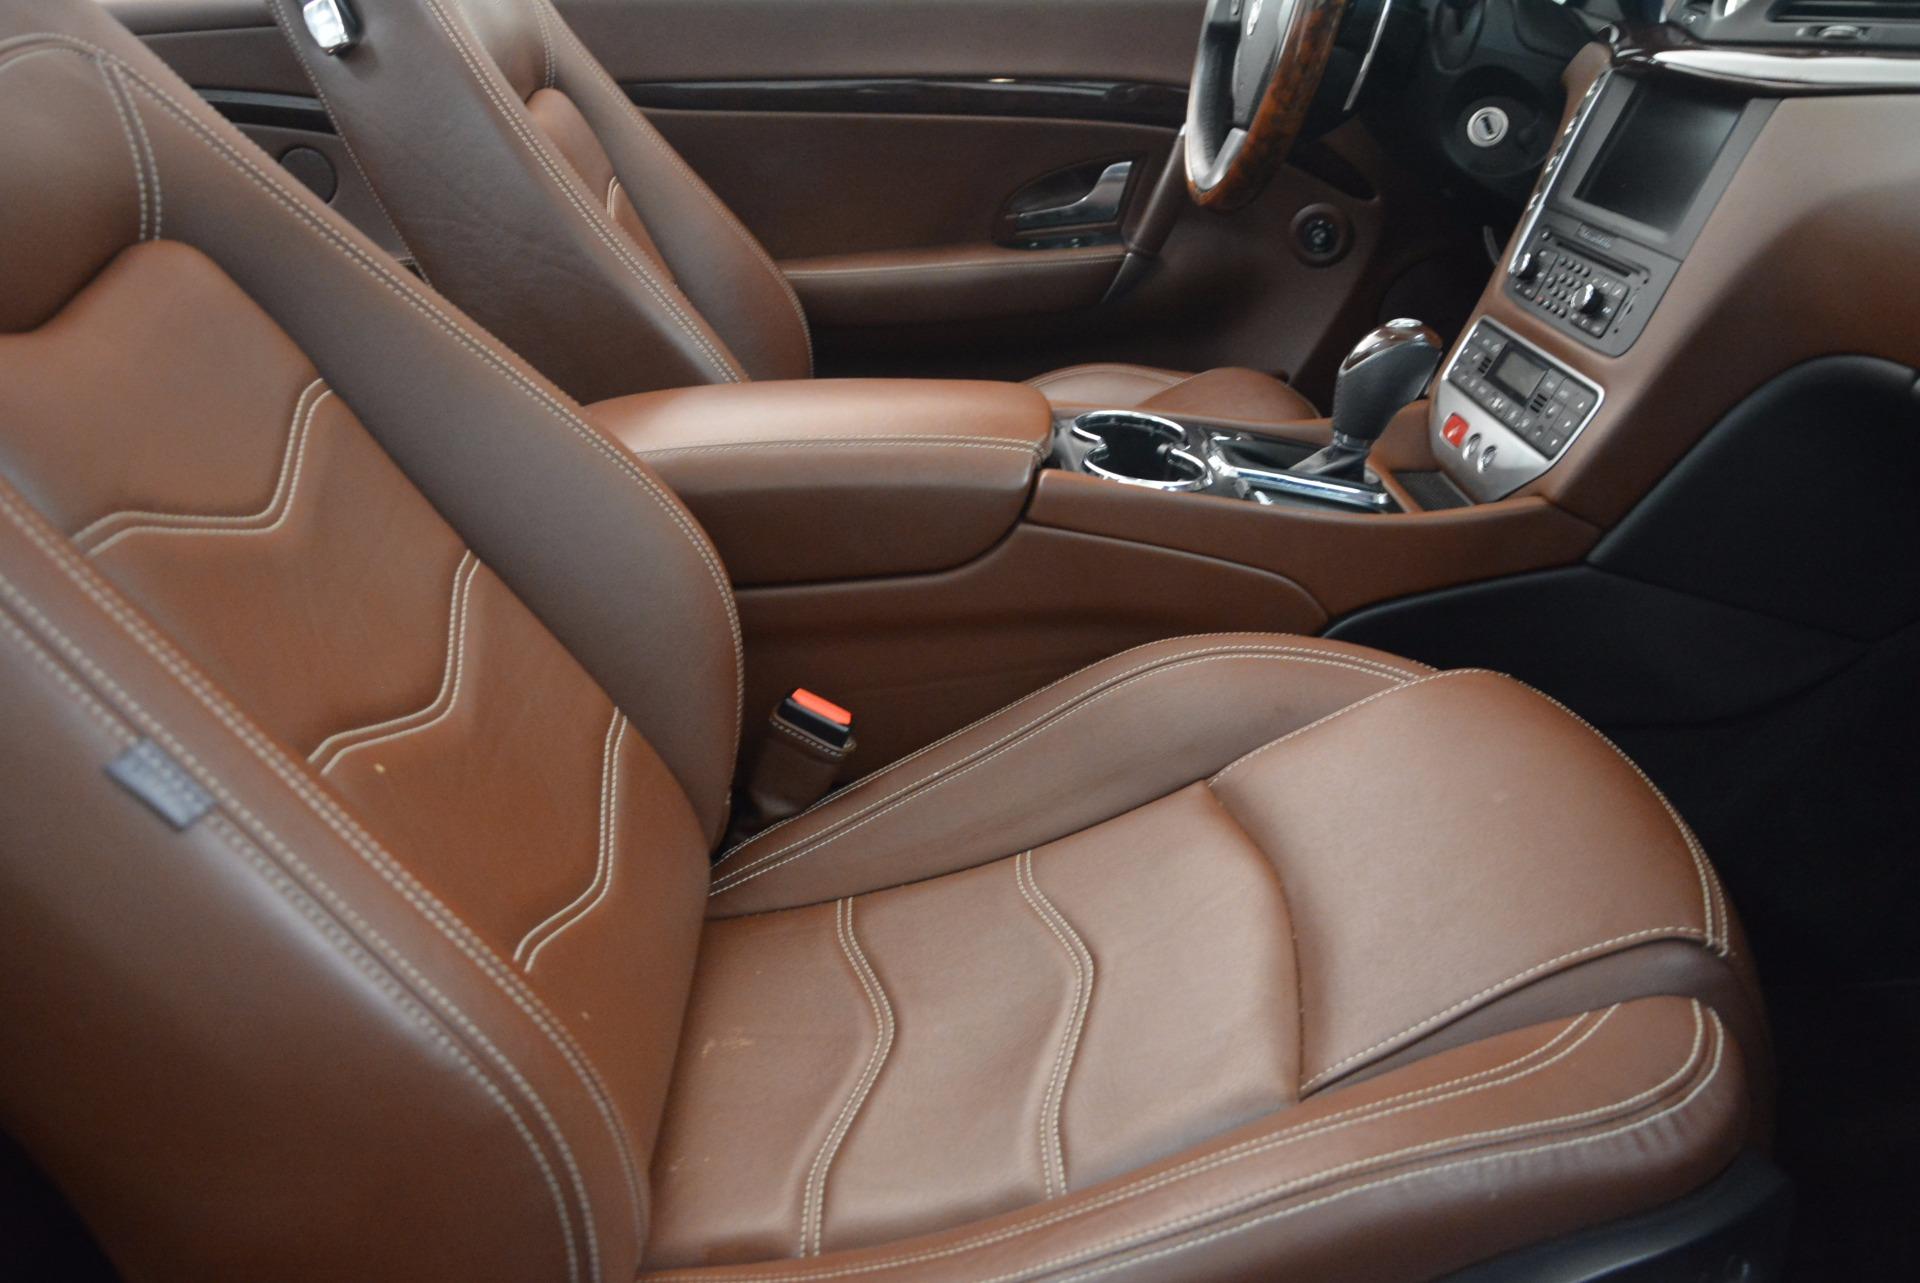 Used 2012 Maserati GranTurismo Sport For Sale In Westport, CT 1097_p28